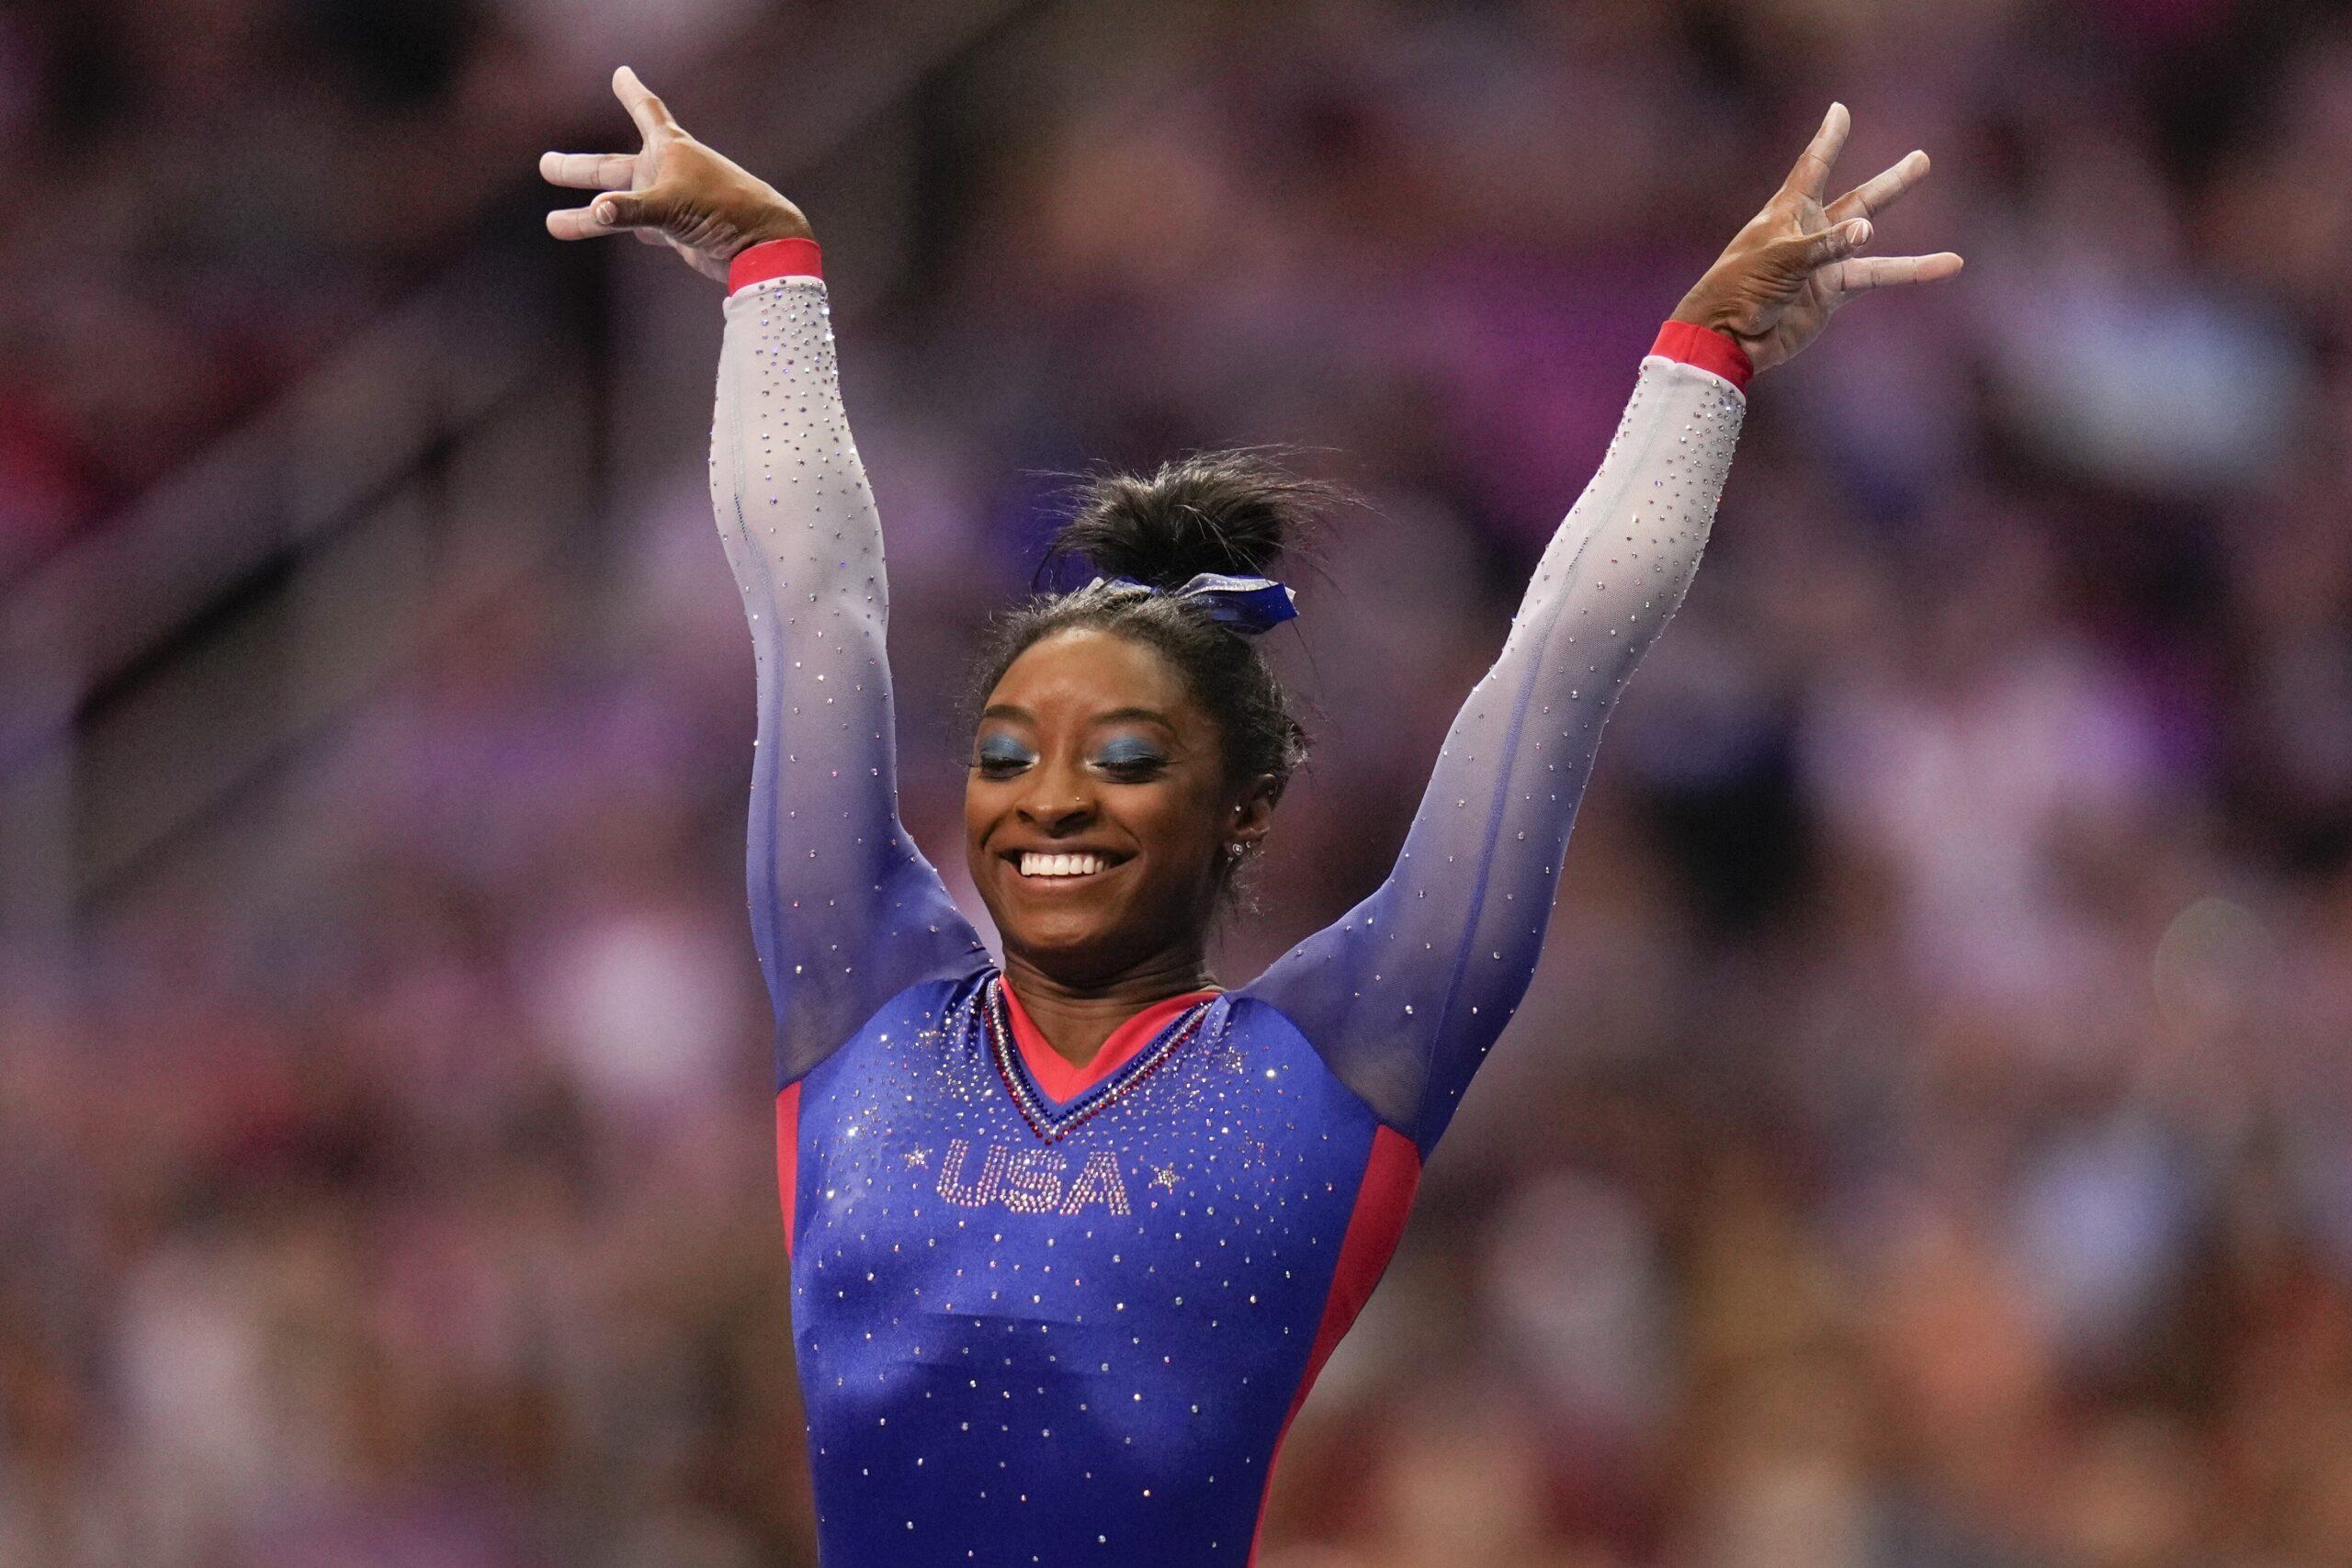 Simone Biles, melhor ginasta do mundo, favoritíssima dos Jogos Olímpicos Tokyo 2020, desistiu da maior parte das competições olímpicas para preservar sua saúde mental.